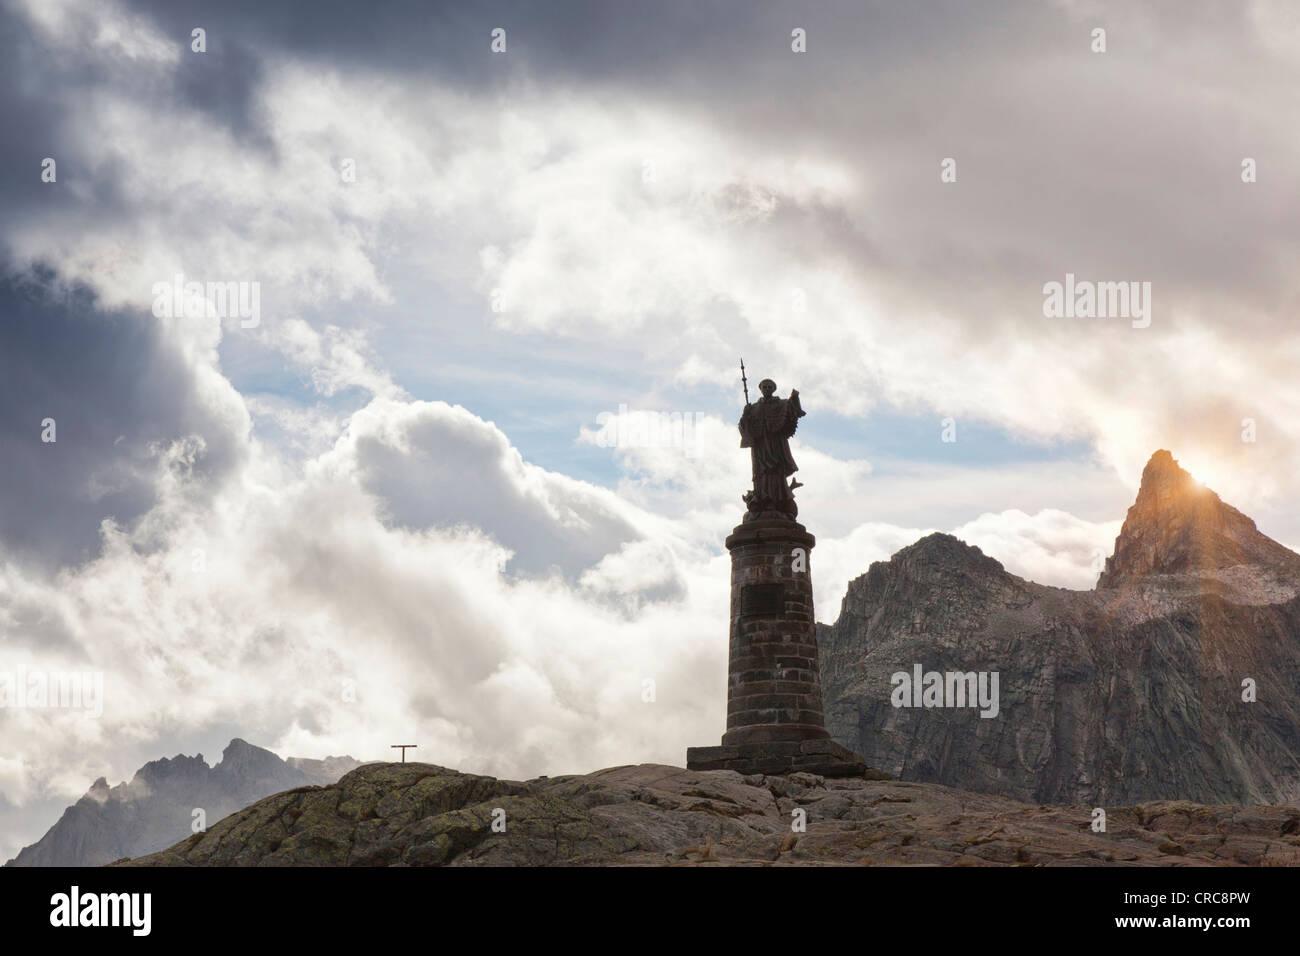 Kunstvolle Statue auf felsigen Berggipfel Stockbild